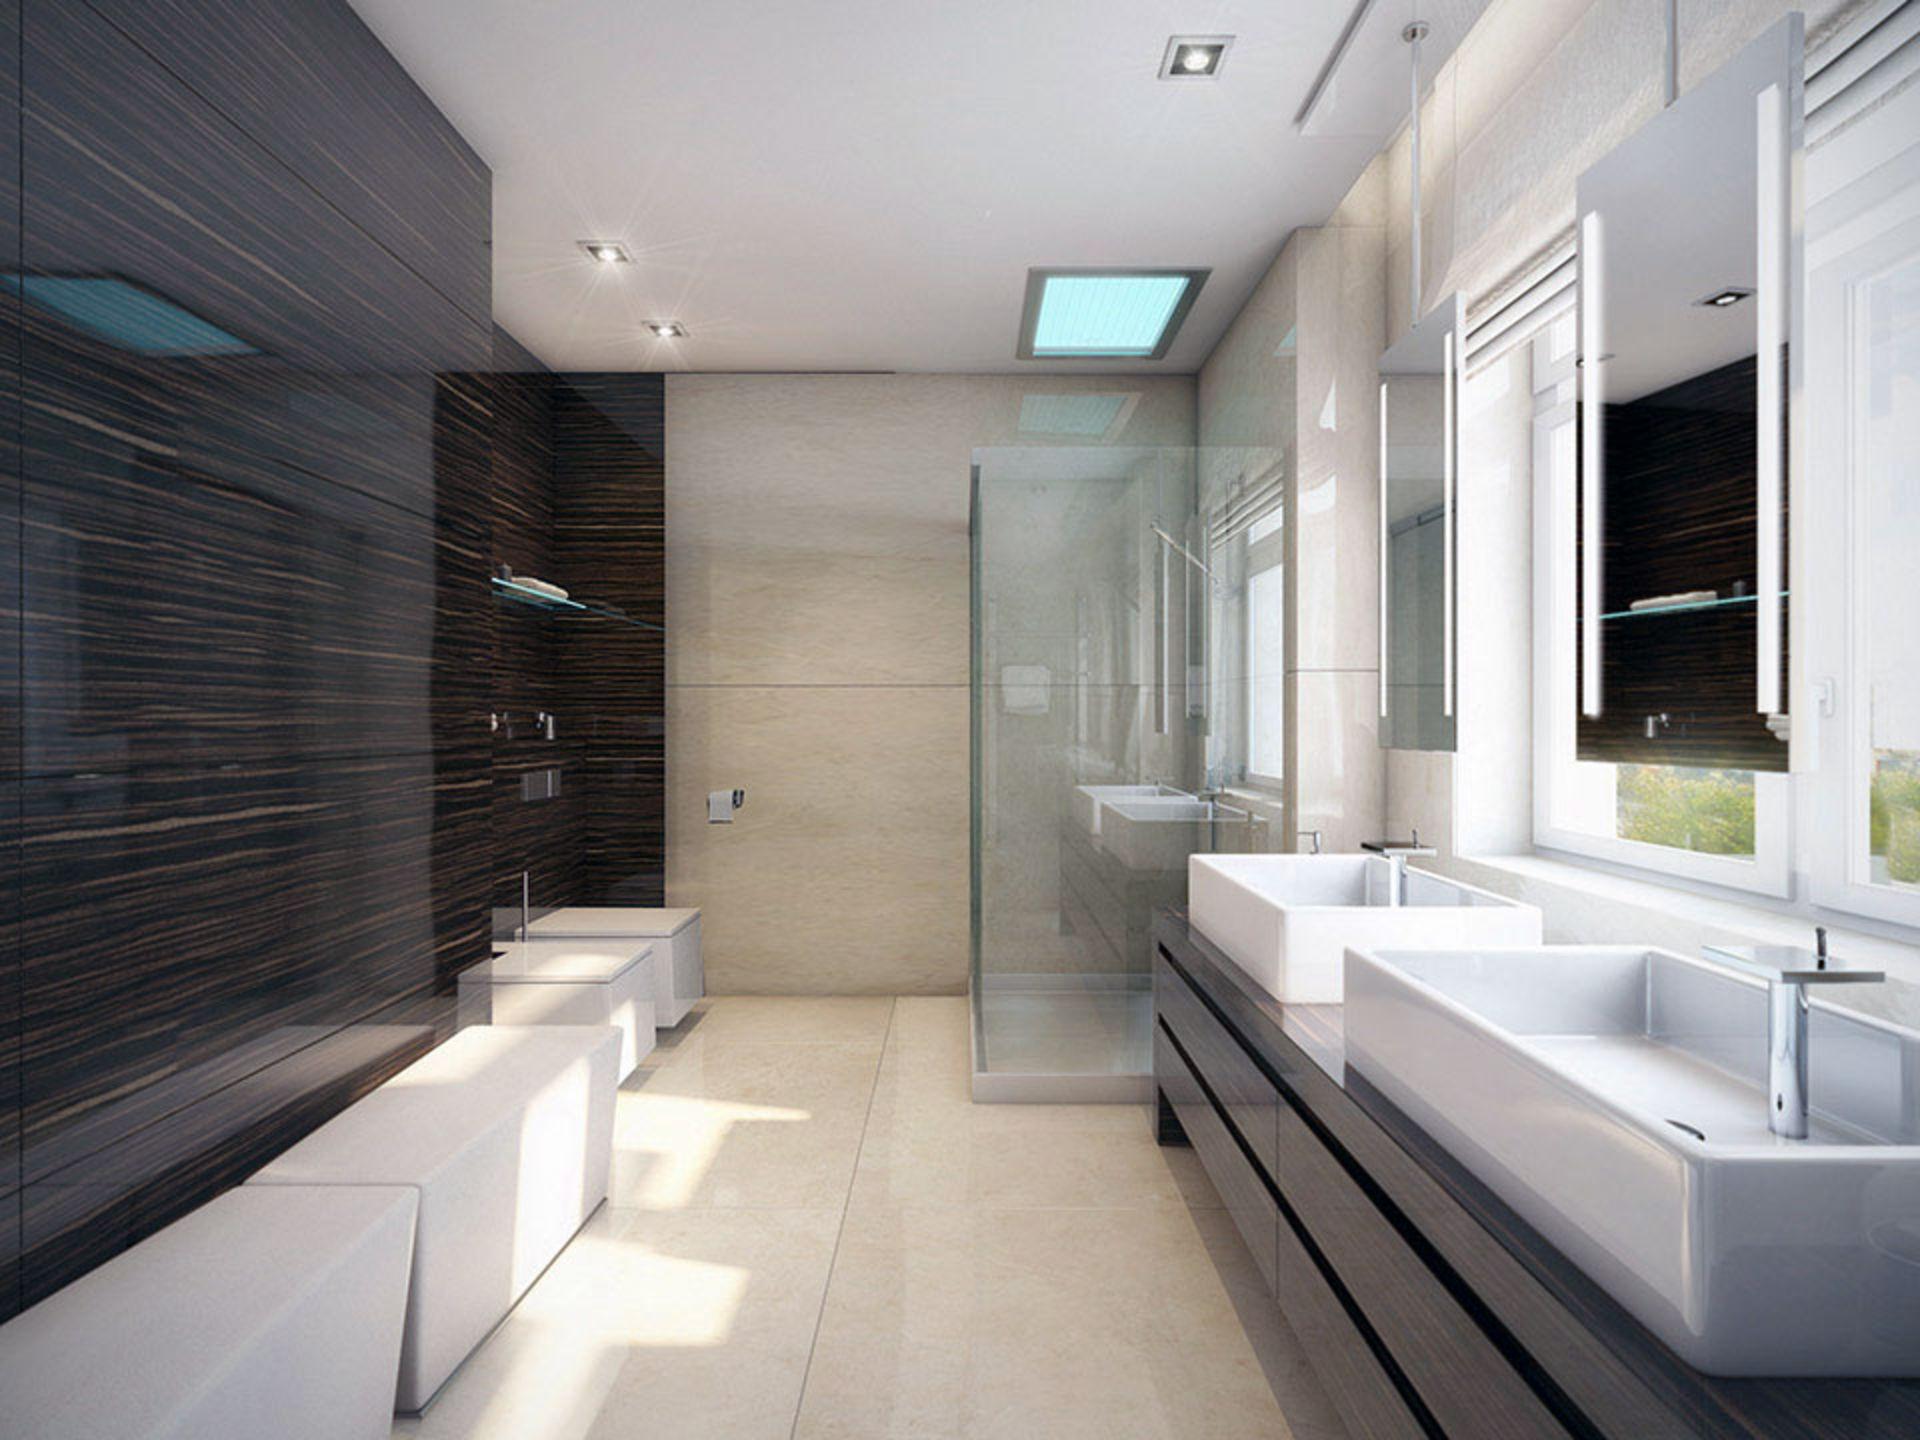 fascinating mid century modern bathroom vanity plan-Unique Mid Century Modern Bathroom Vanity Wallpaper